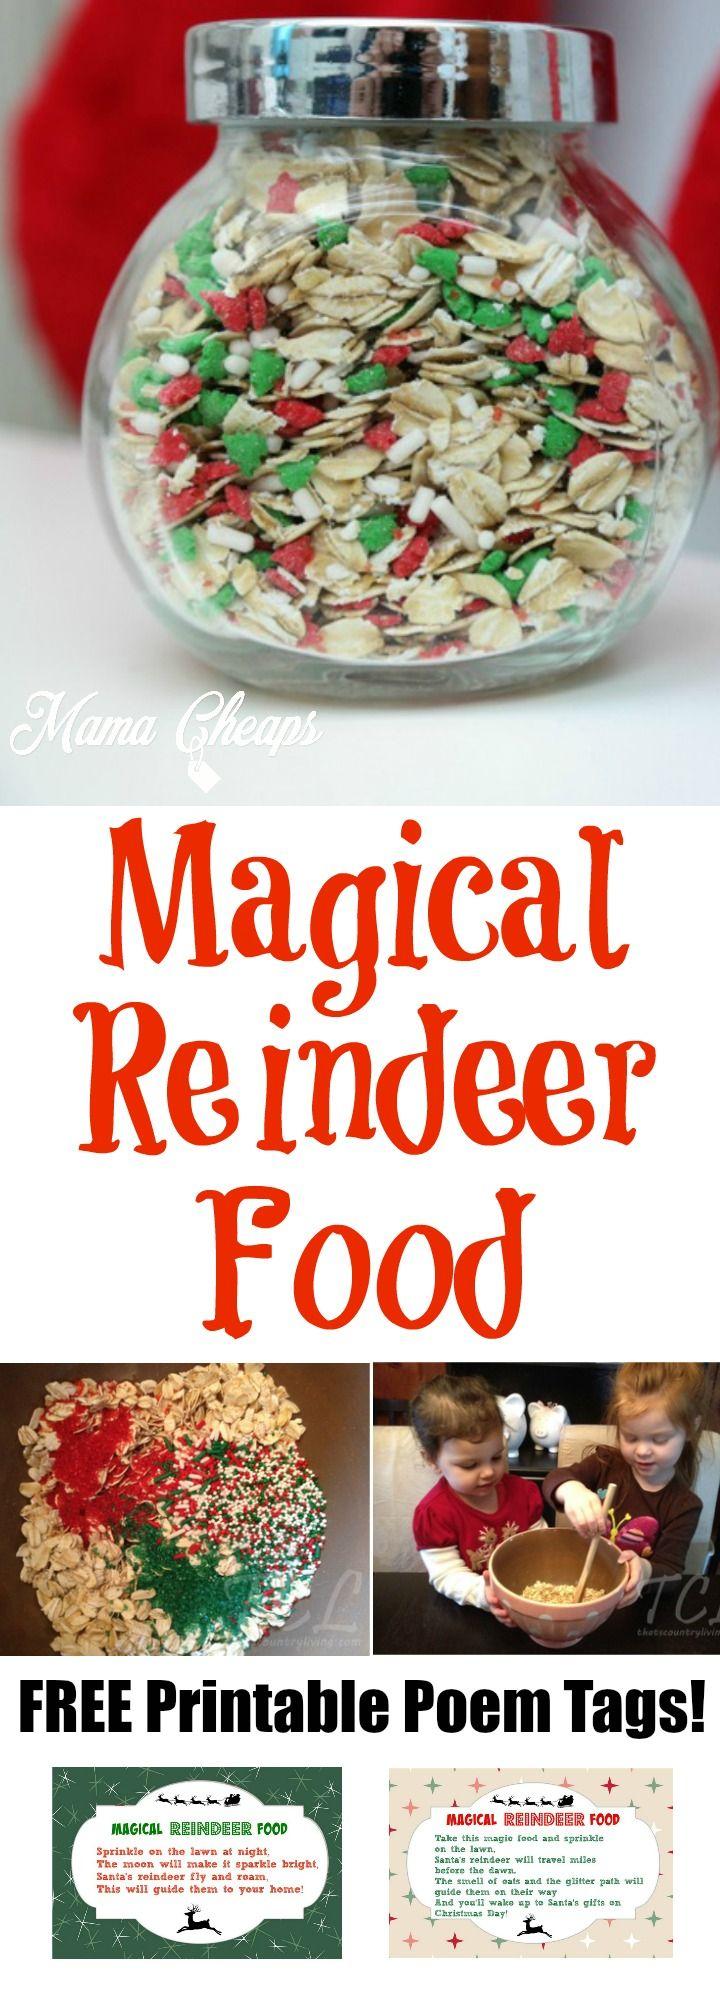 Magical reindeer food recipe free printable poem tag httpbit magical reindeer food recipe free printable poem tag httpbit forumfinder Choice Image